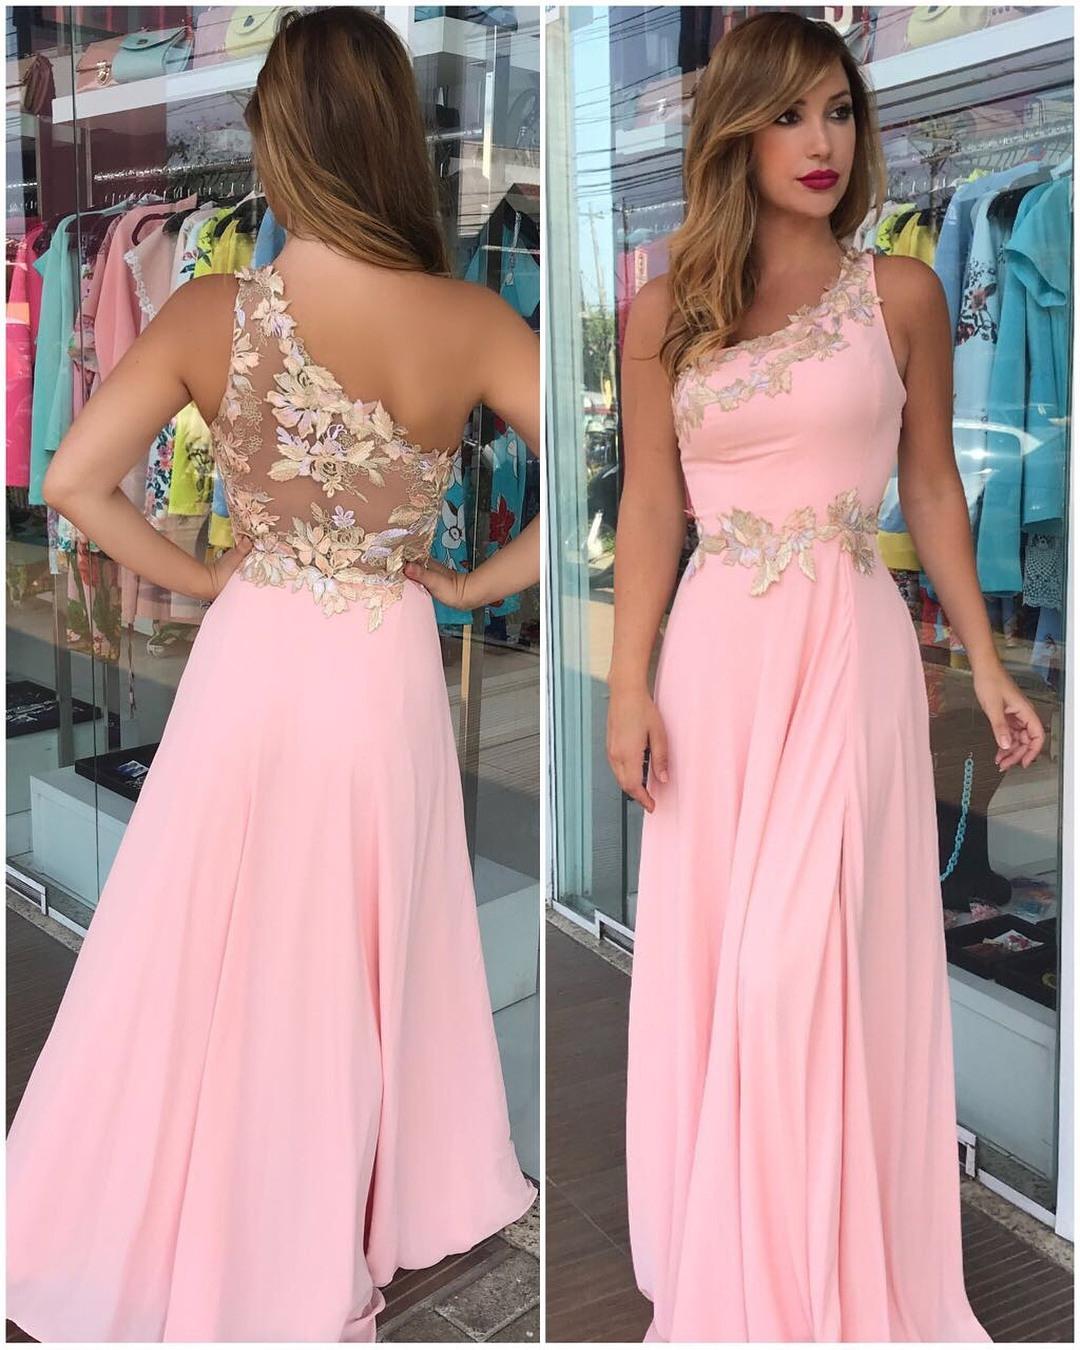 17 Perfekt Abendkleid Extra Lang BoutiqueFormal Kreativ Abendkleid Extra Lang Vertrieb